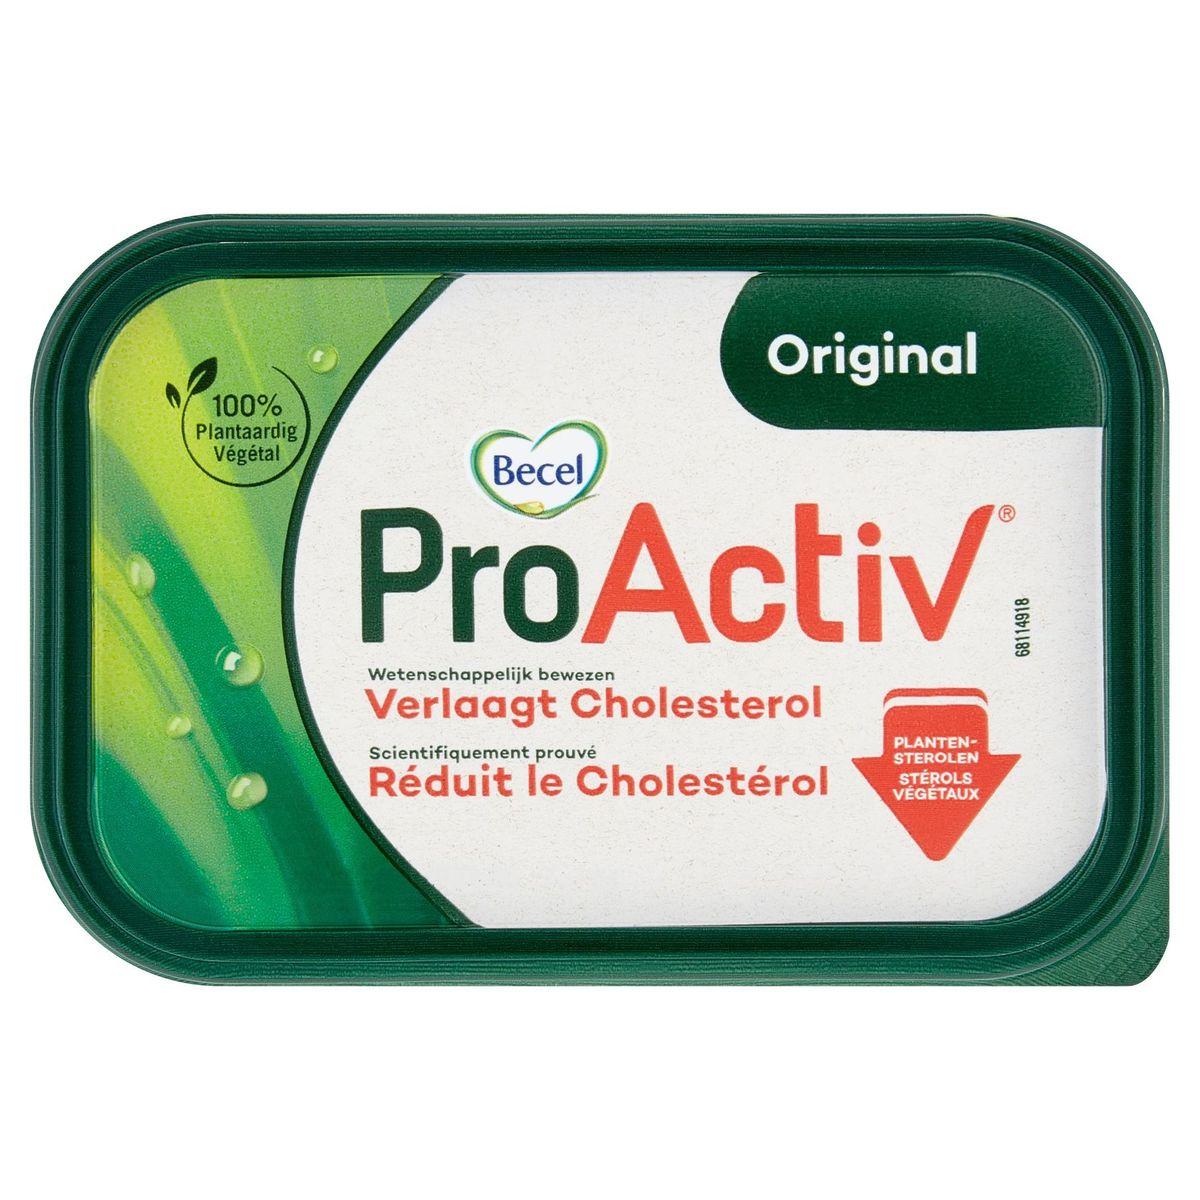 Becel ProActiv Original Réduit le cholestérol 250 g